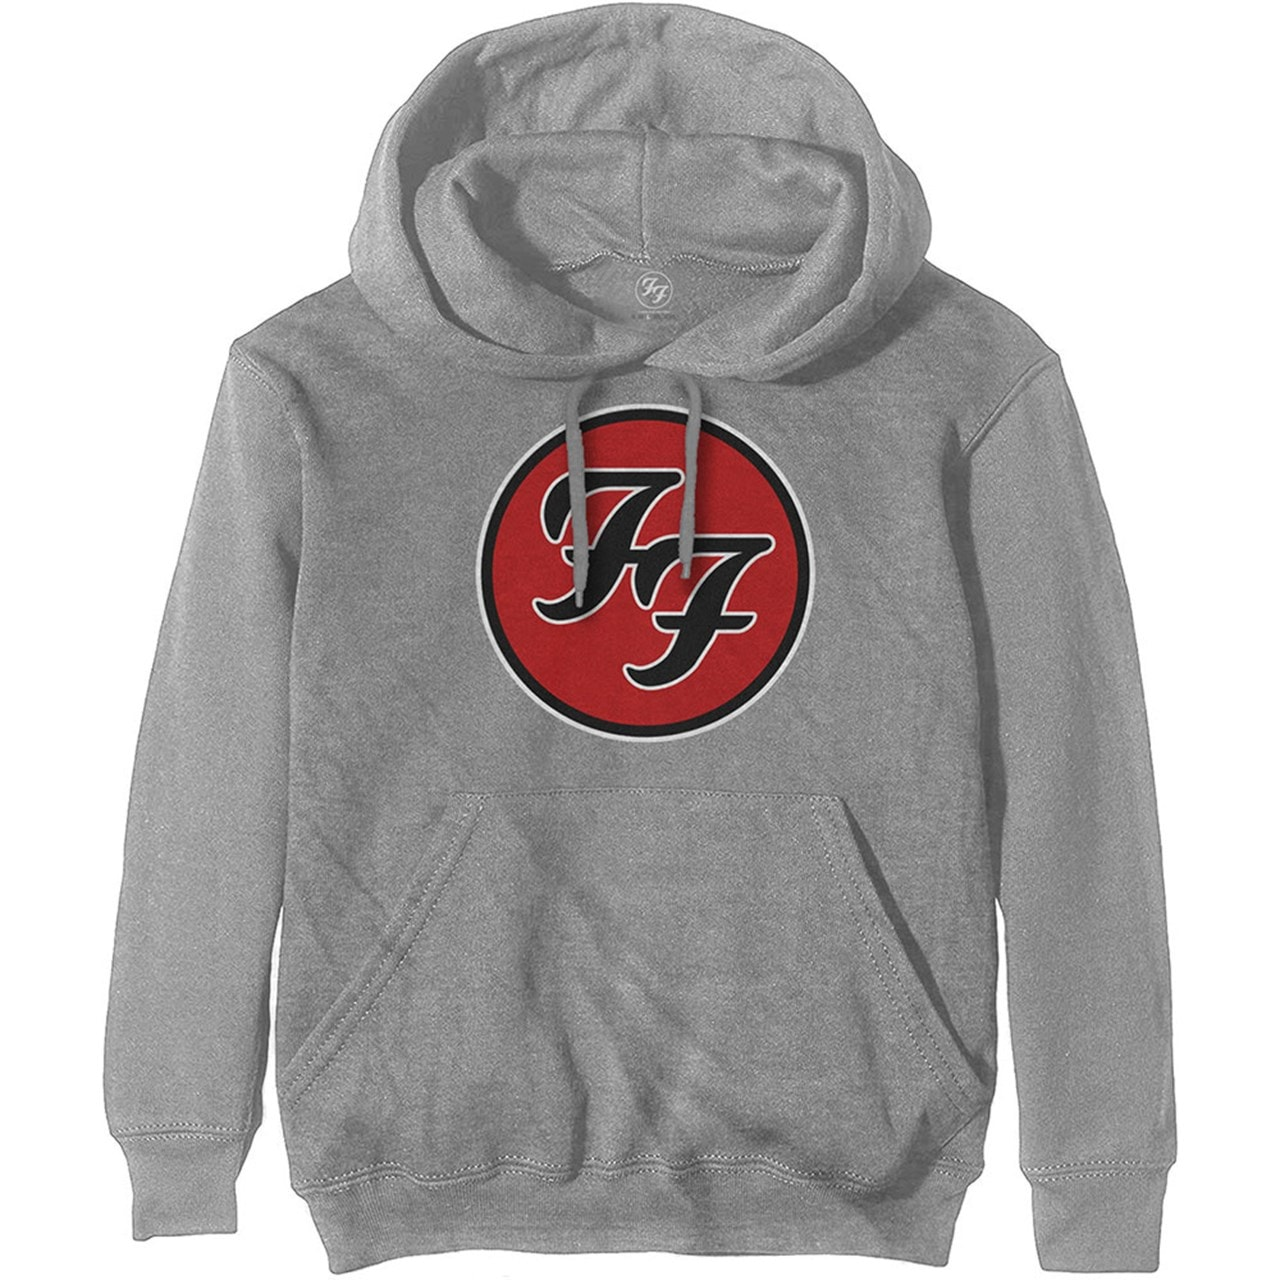 Foo Fighters Logo Hoodie (Large) - 1